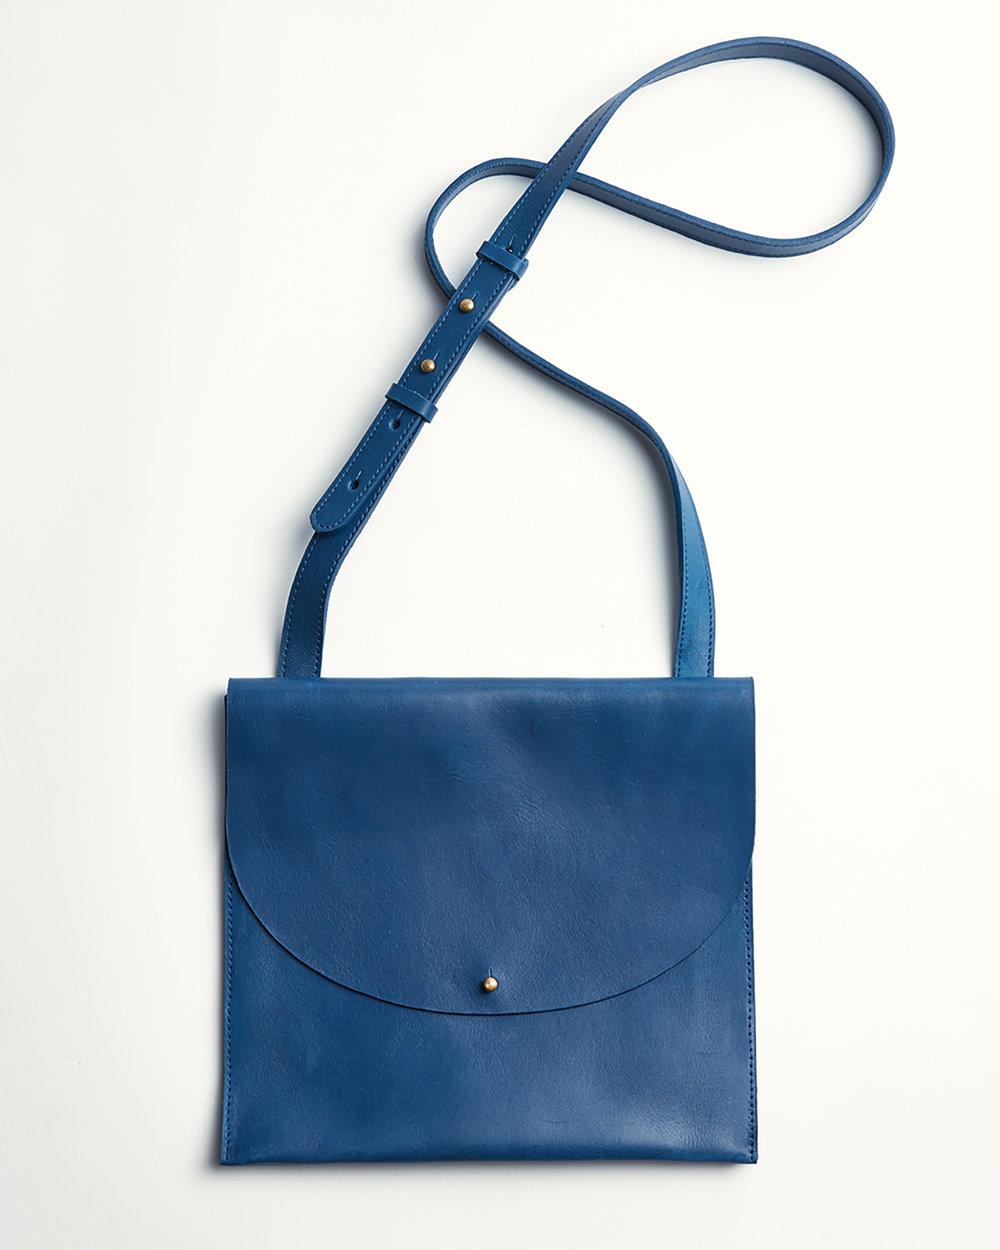 LG CROSSBODY-BLUE.jpg